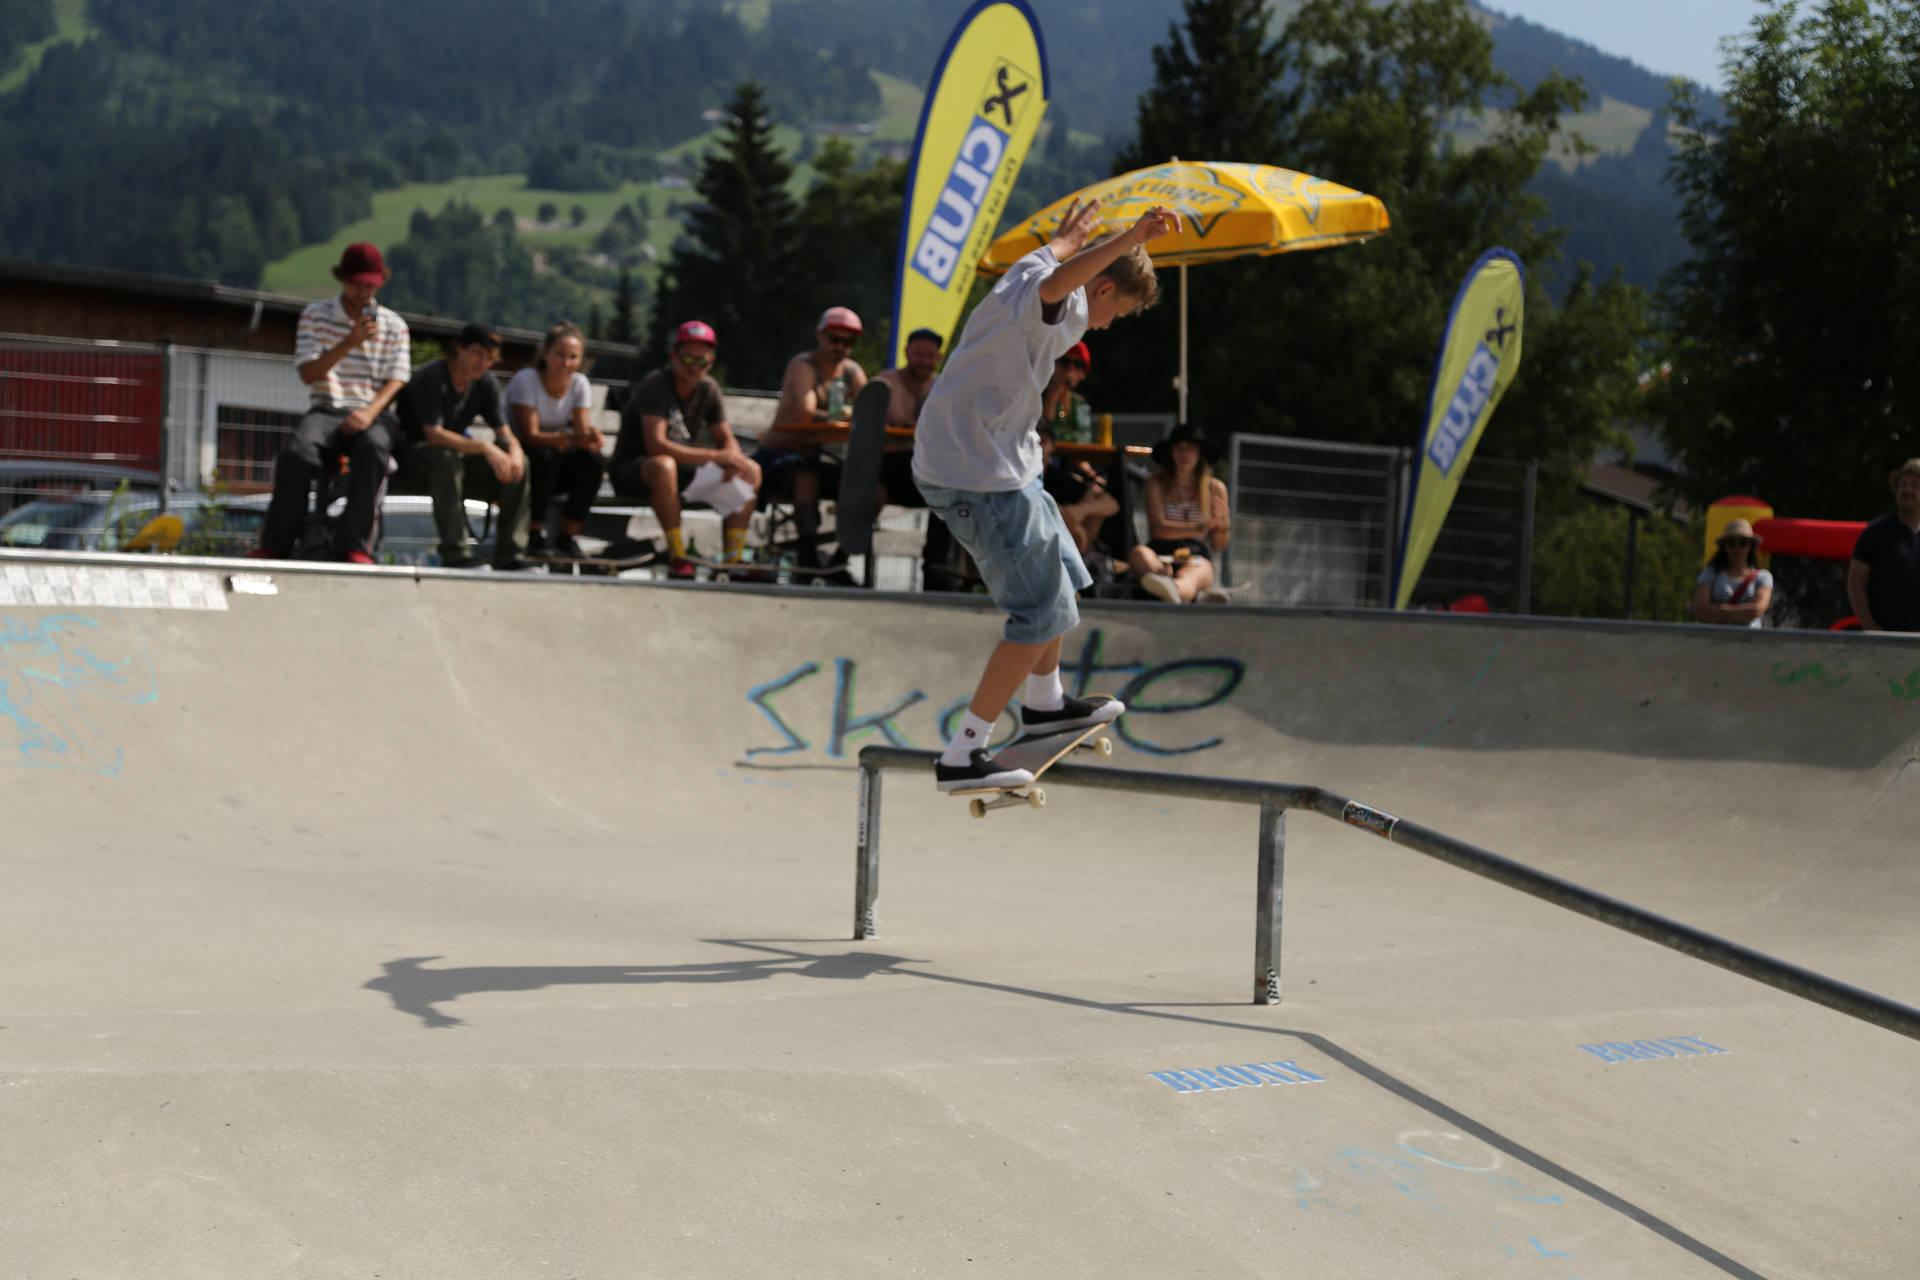 skateboardheadz st johann in tirol kgt 2019 finale 00140